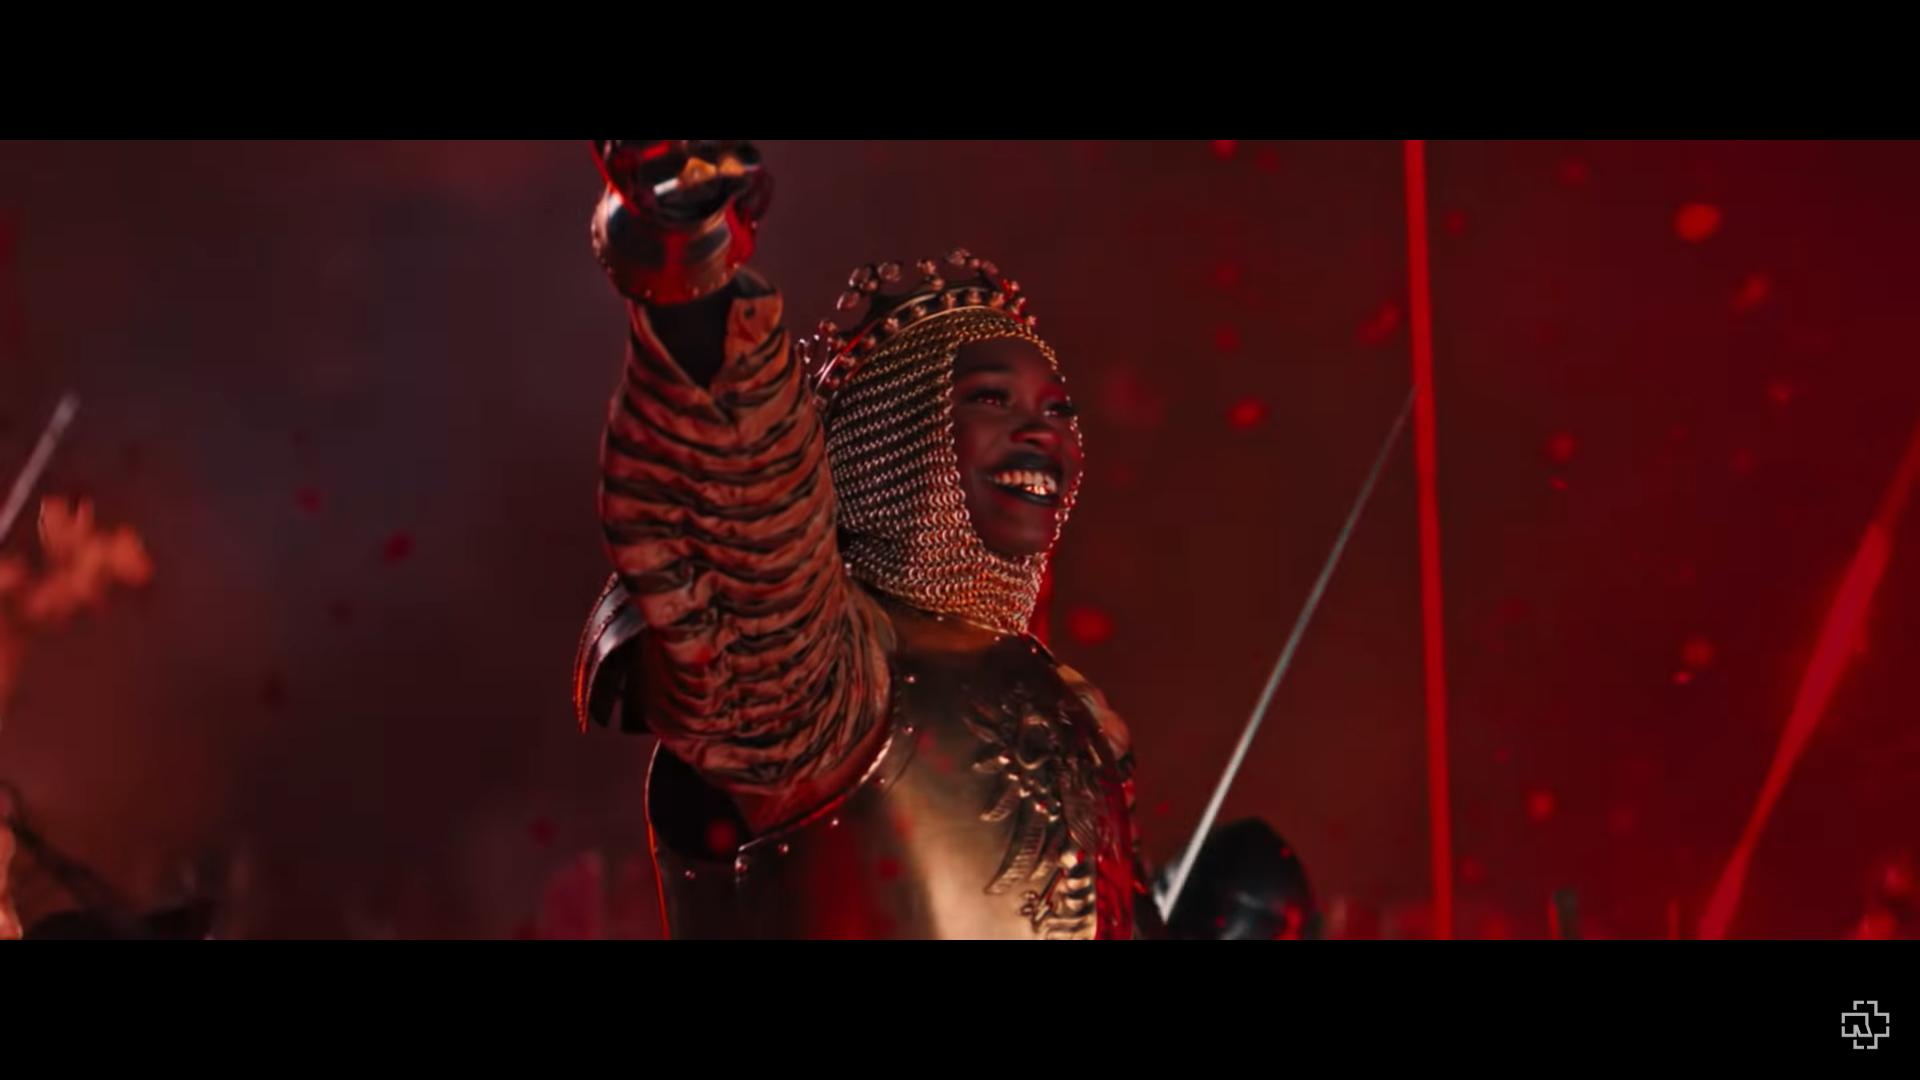 rammstein_deutschland_snapshots_55_the_queen_of_war.png